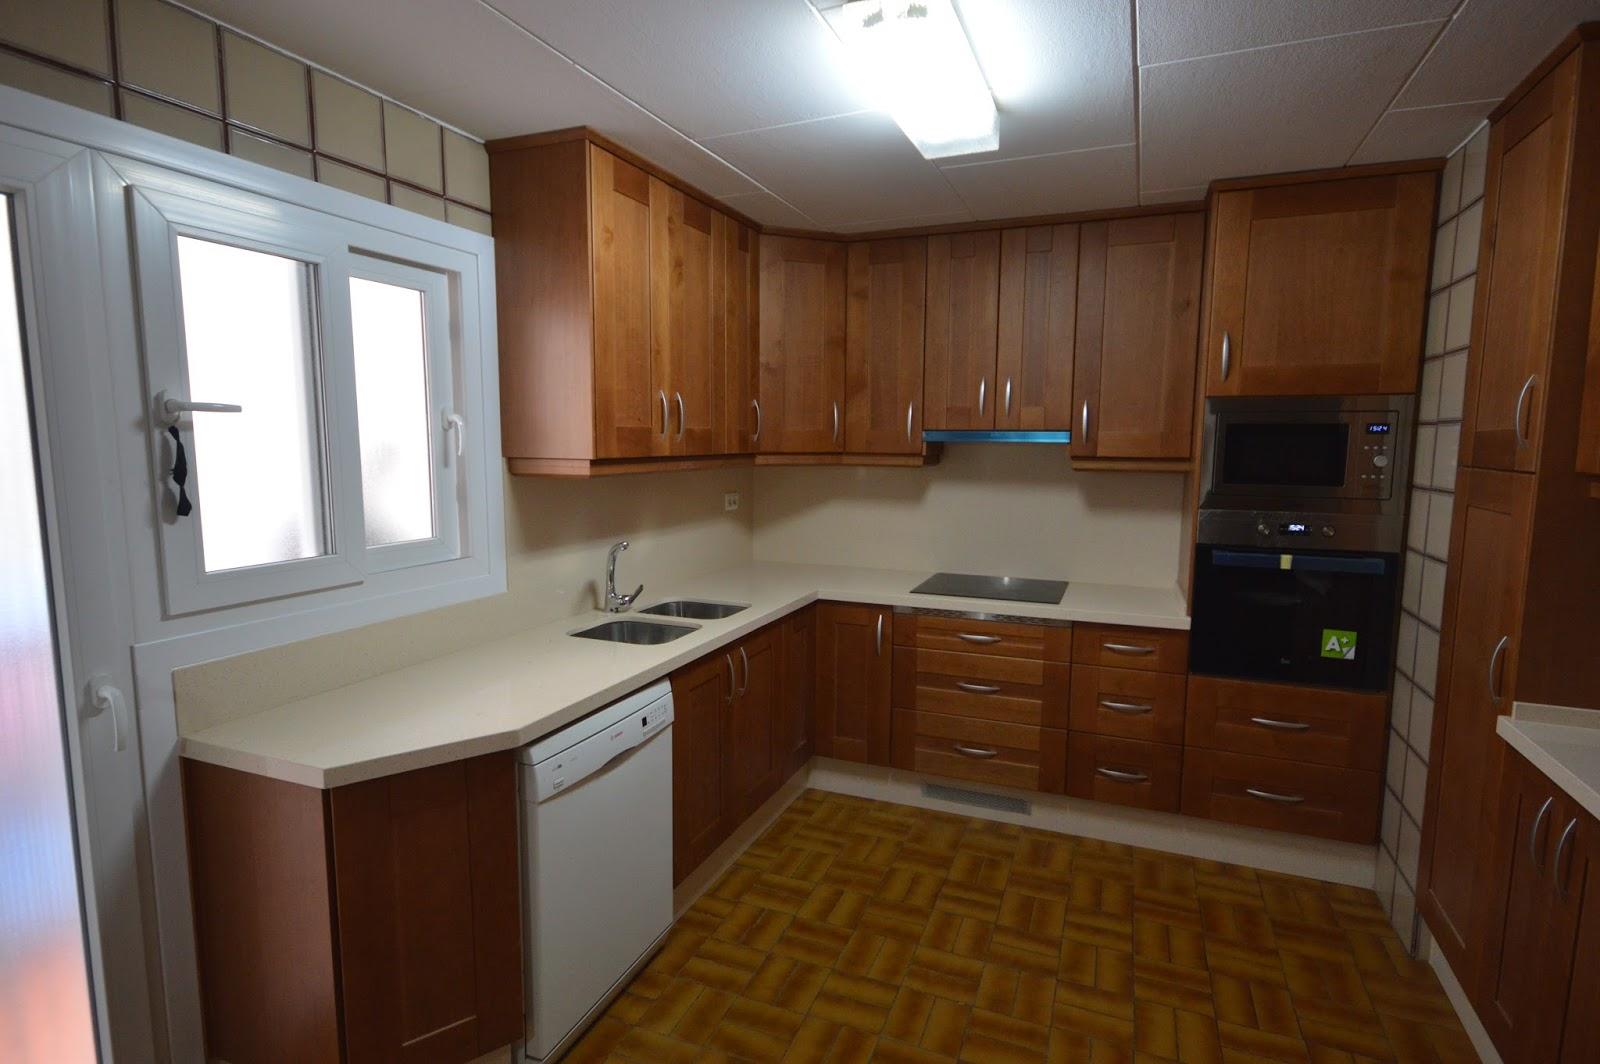 Reuscuina muebles de cocina de madera maciza con for Muebles de cocina de madera maciza catalogo